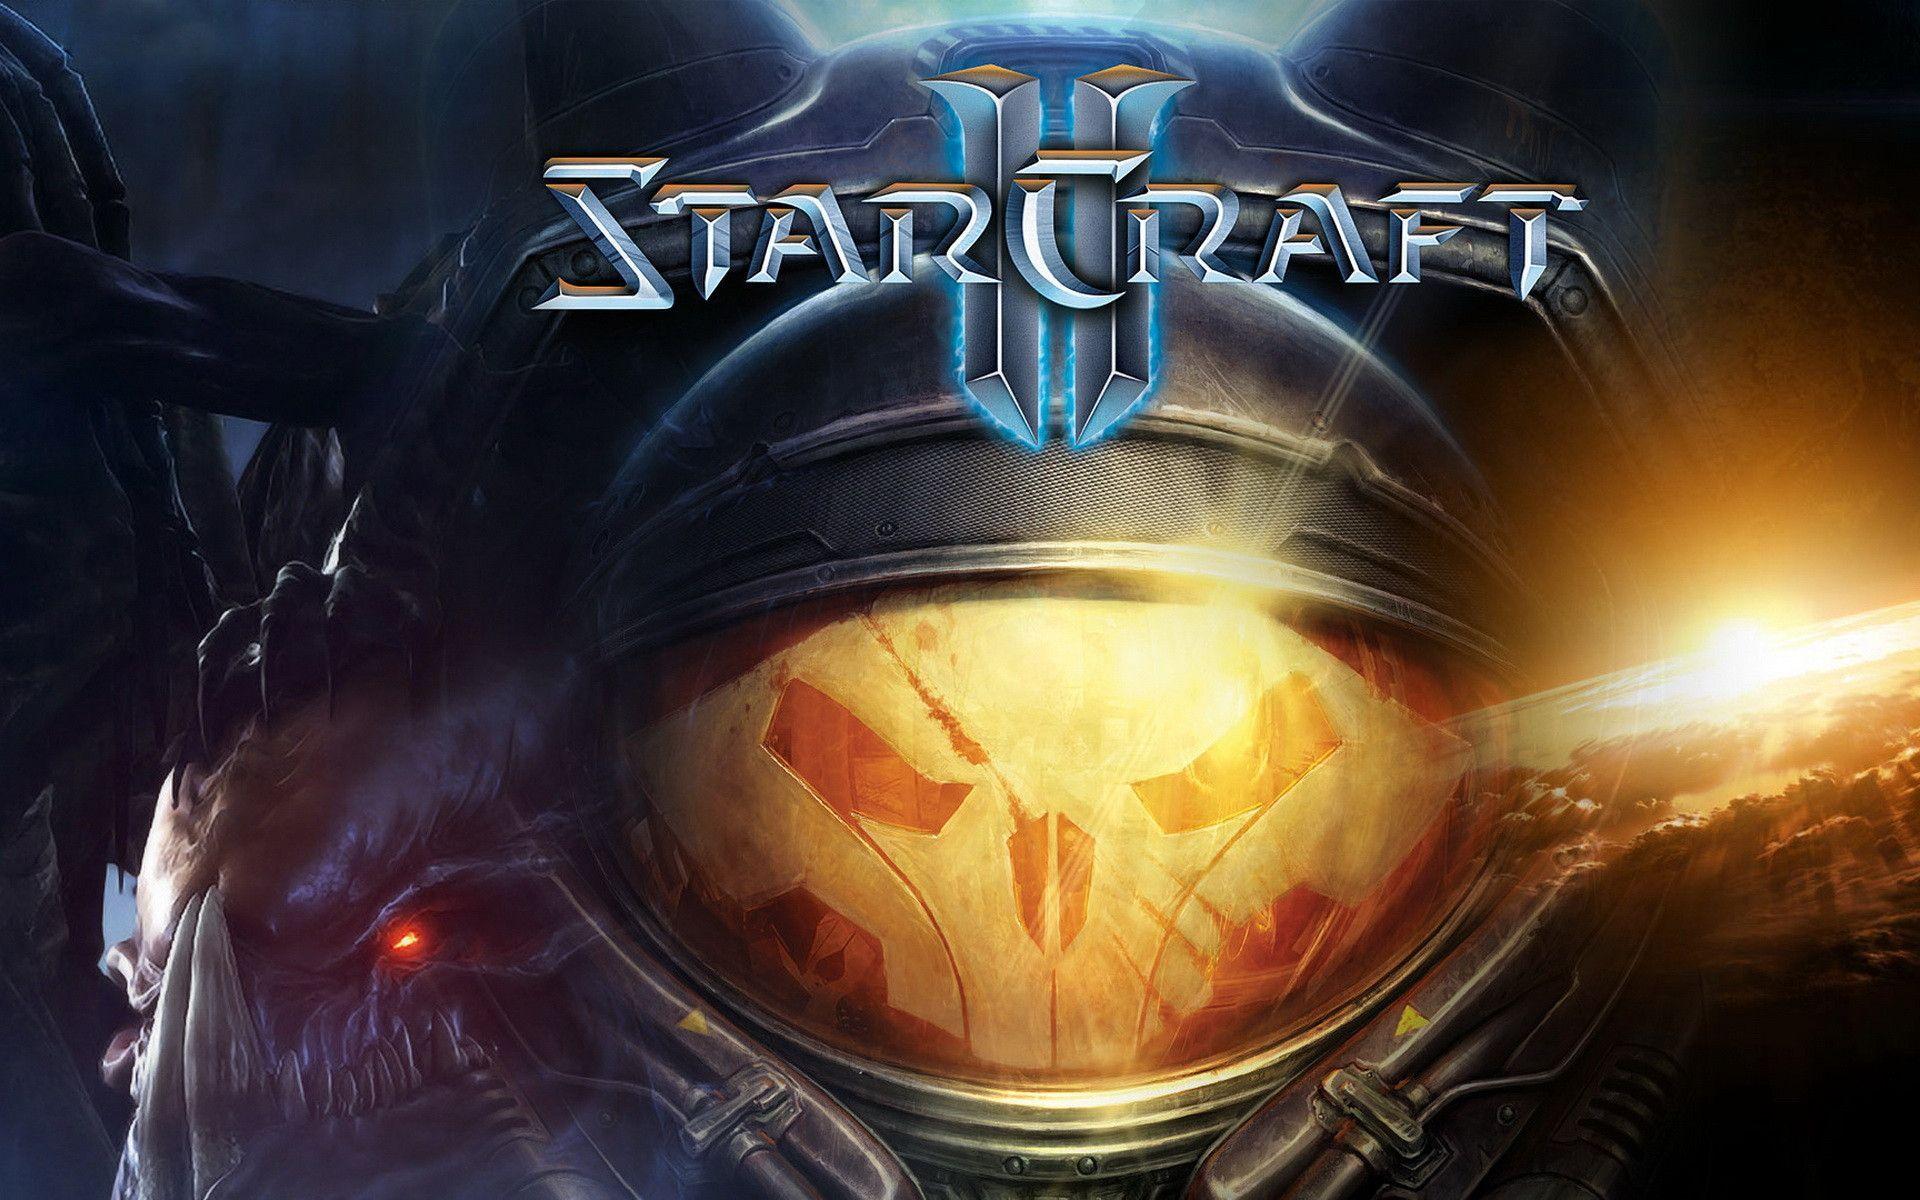 StarCraft-1920x1080-Cave-wallpaper-wp34011015